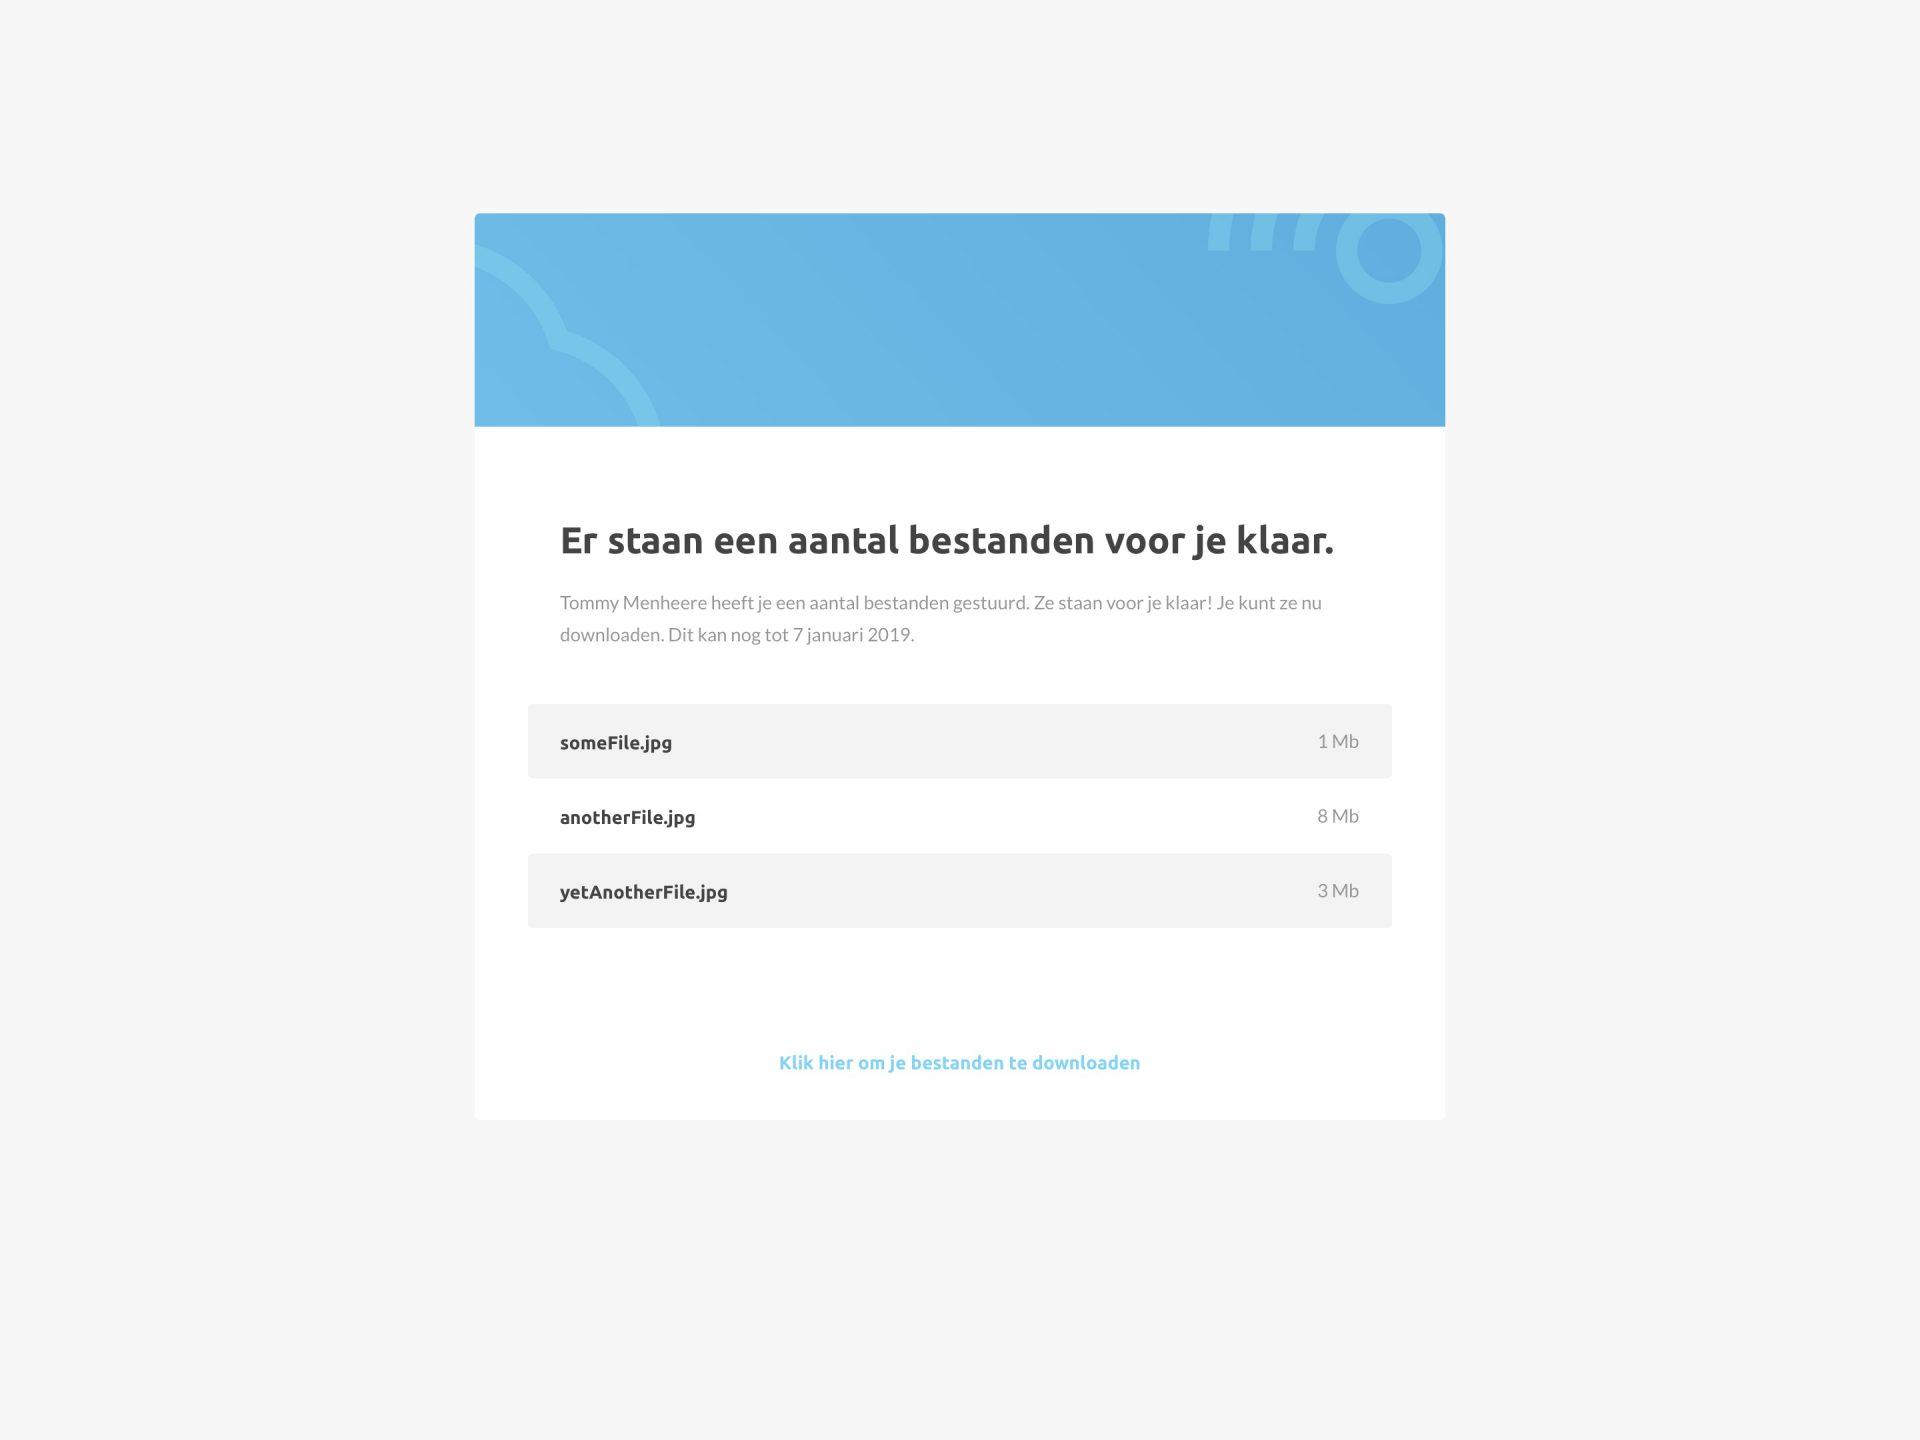 File Transfer UI - Er staan een aantal bestanden voor je klaar